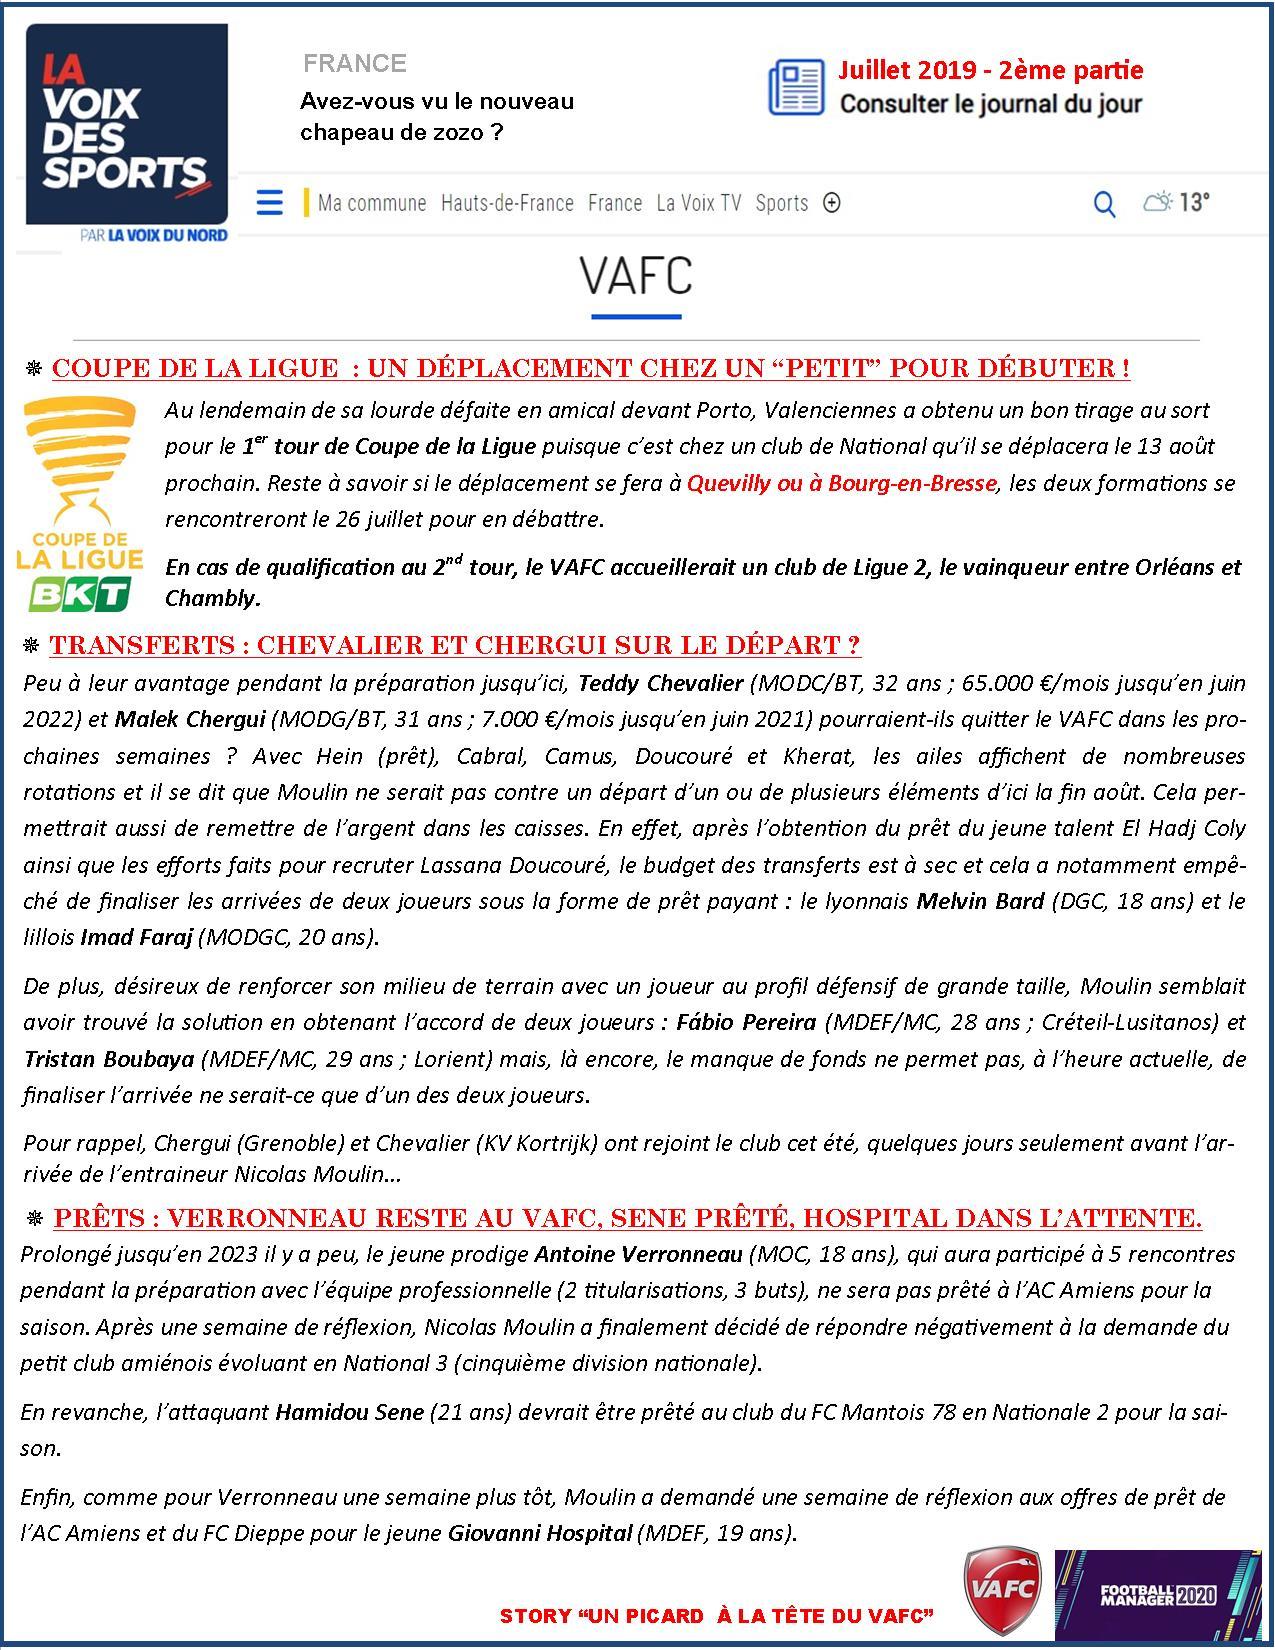 VAFC - 02 - Juillet 2019 - 2eme partie